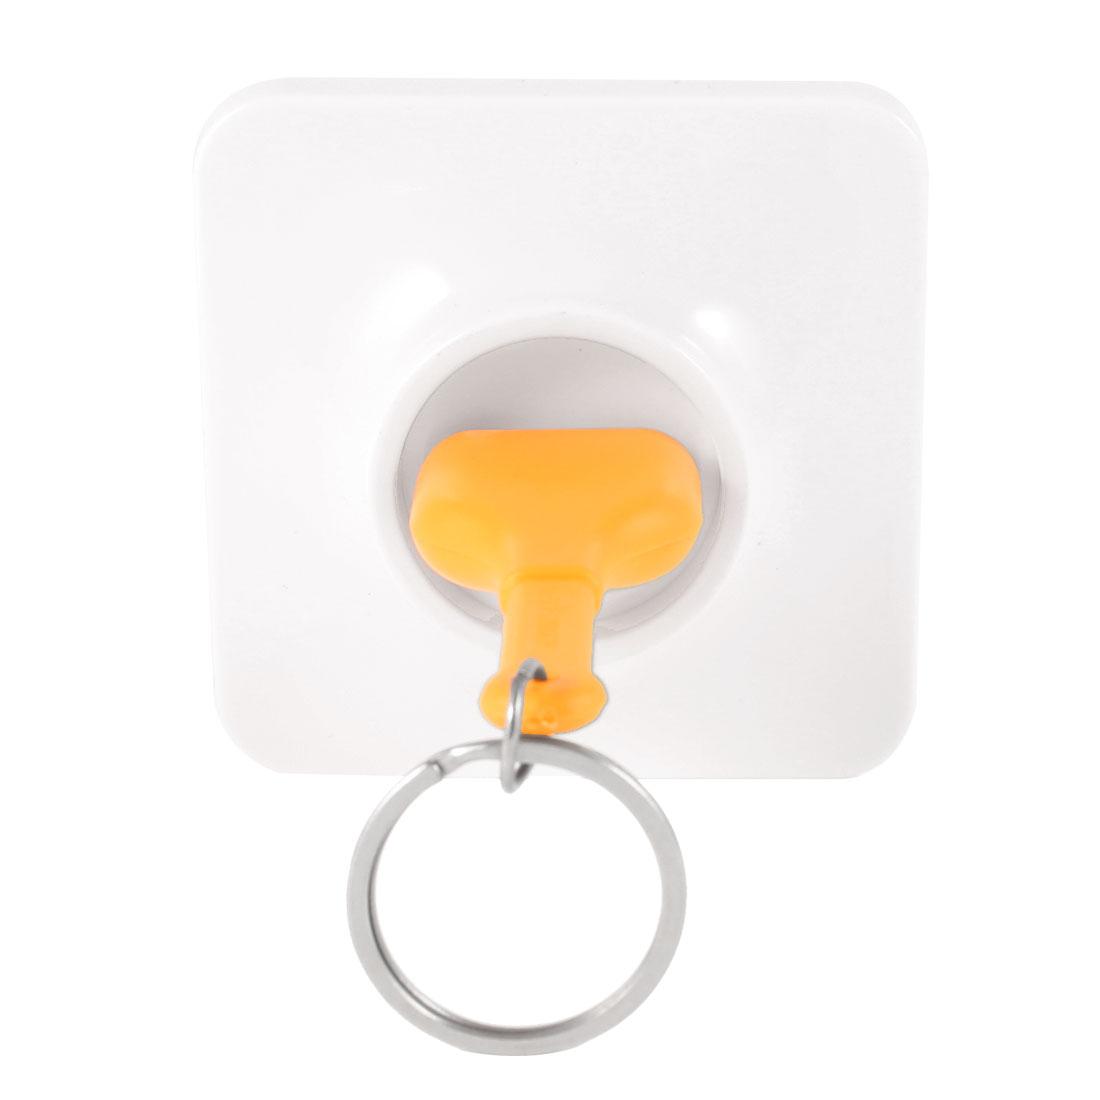 Yellow Unplugged Unplug Socket Keyring Keychain Key Storage w White Base